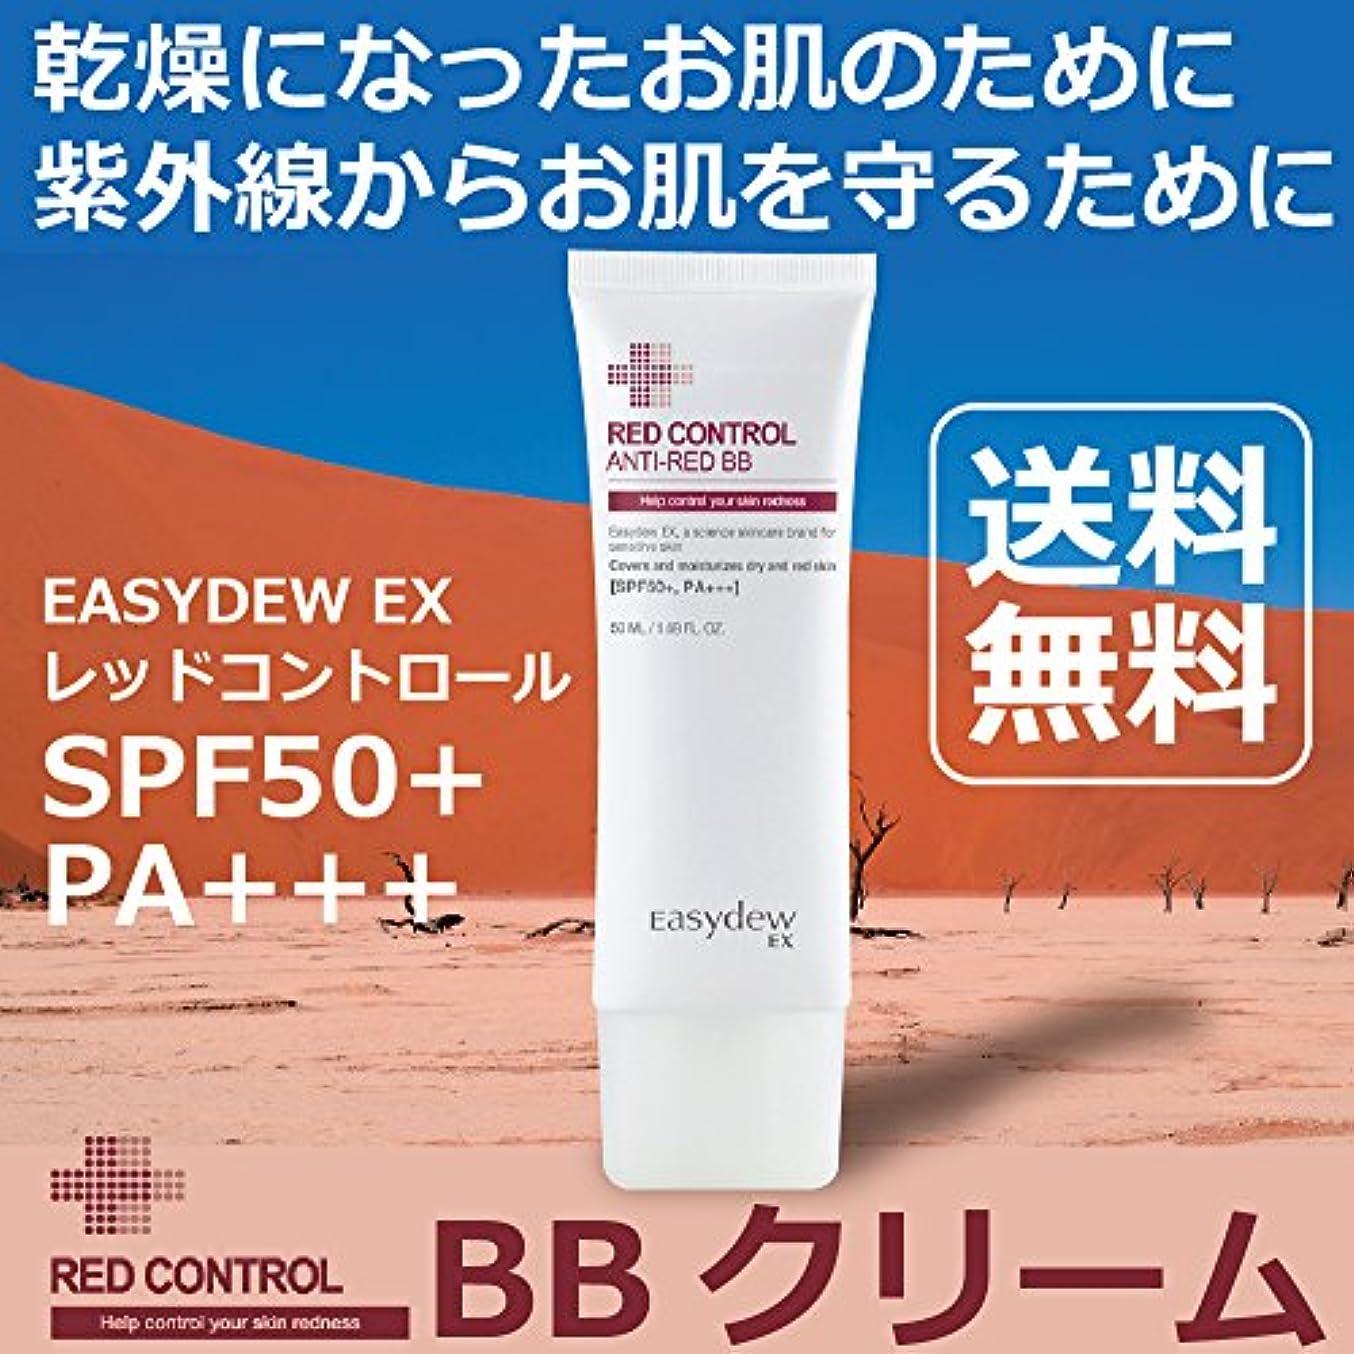 方言ピービッシュ変化するEASYDEW EX レッドコントロール アンチレッドBBクリーム 50ml RED CONTROL ANTI-RED BB